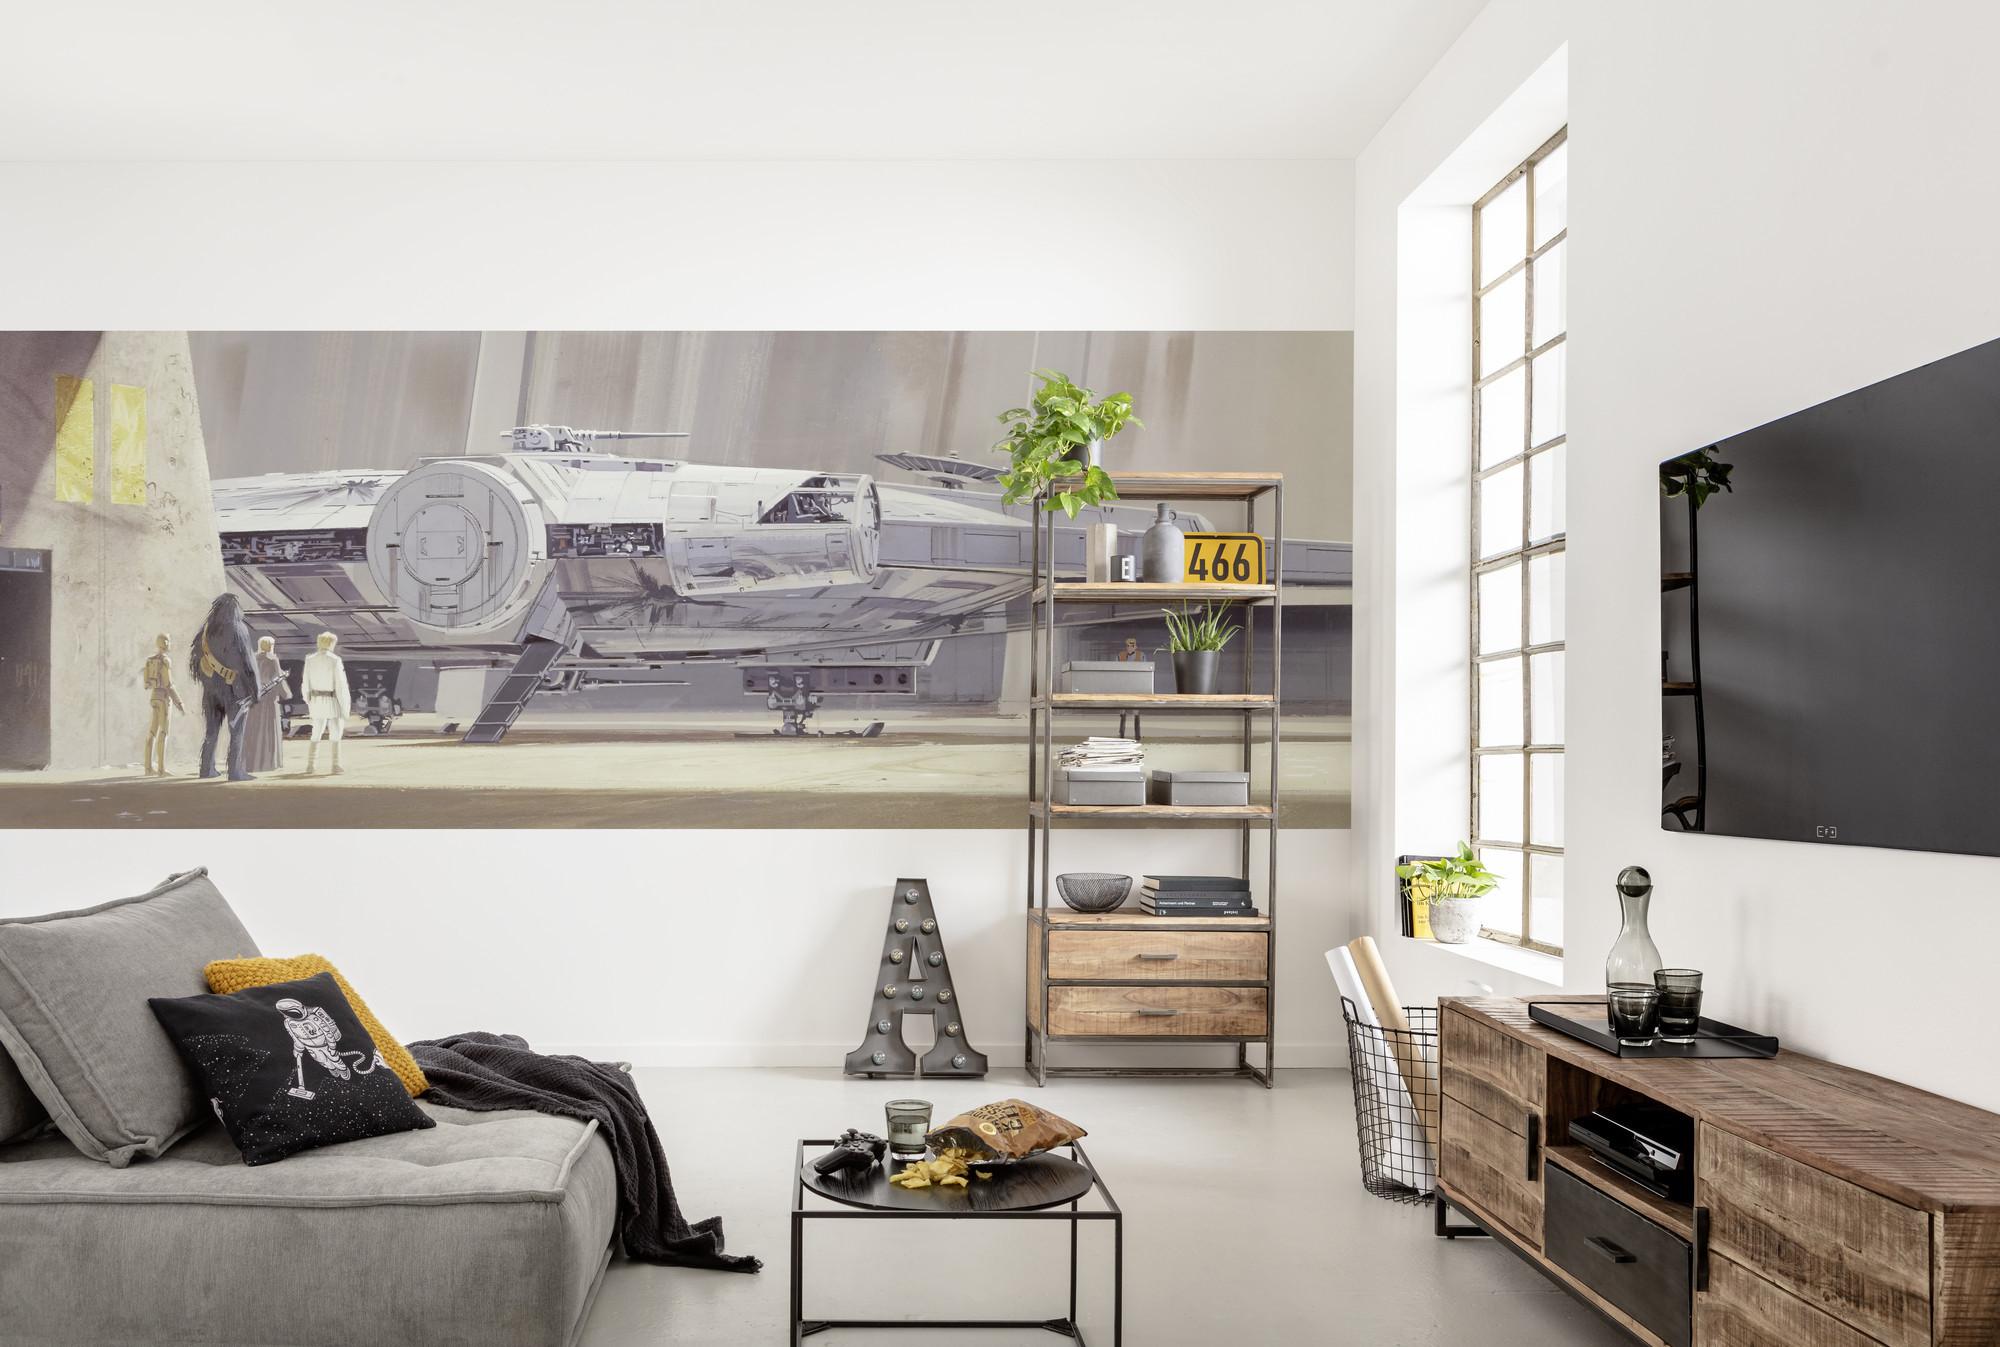 Star Wars Classic RMQ Millenium Falcon